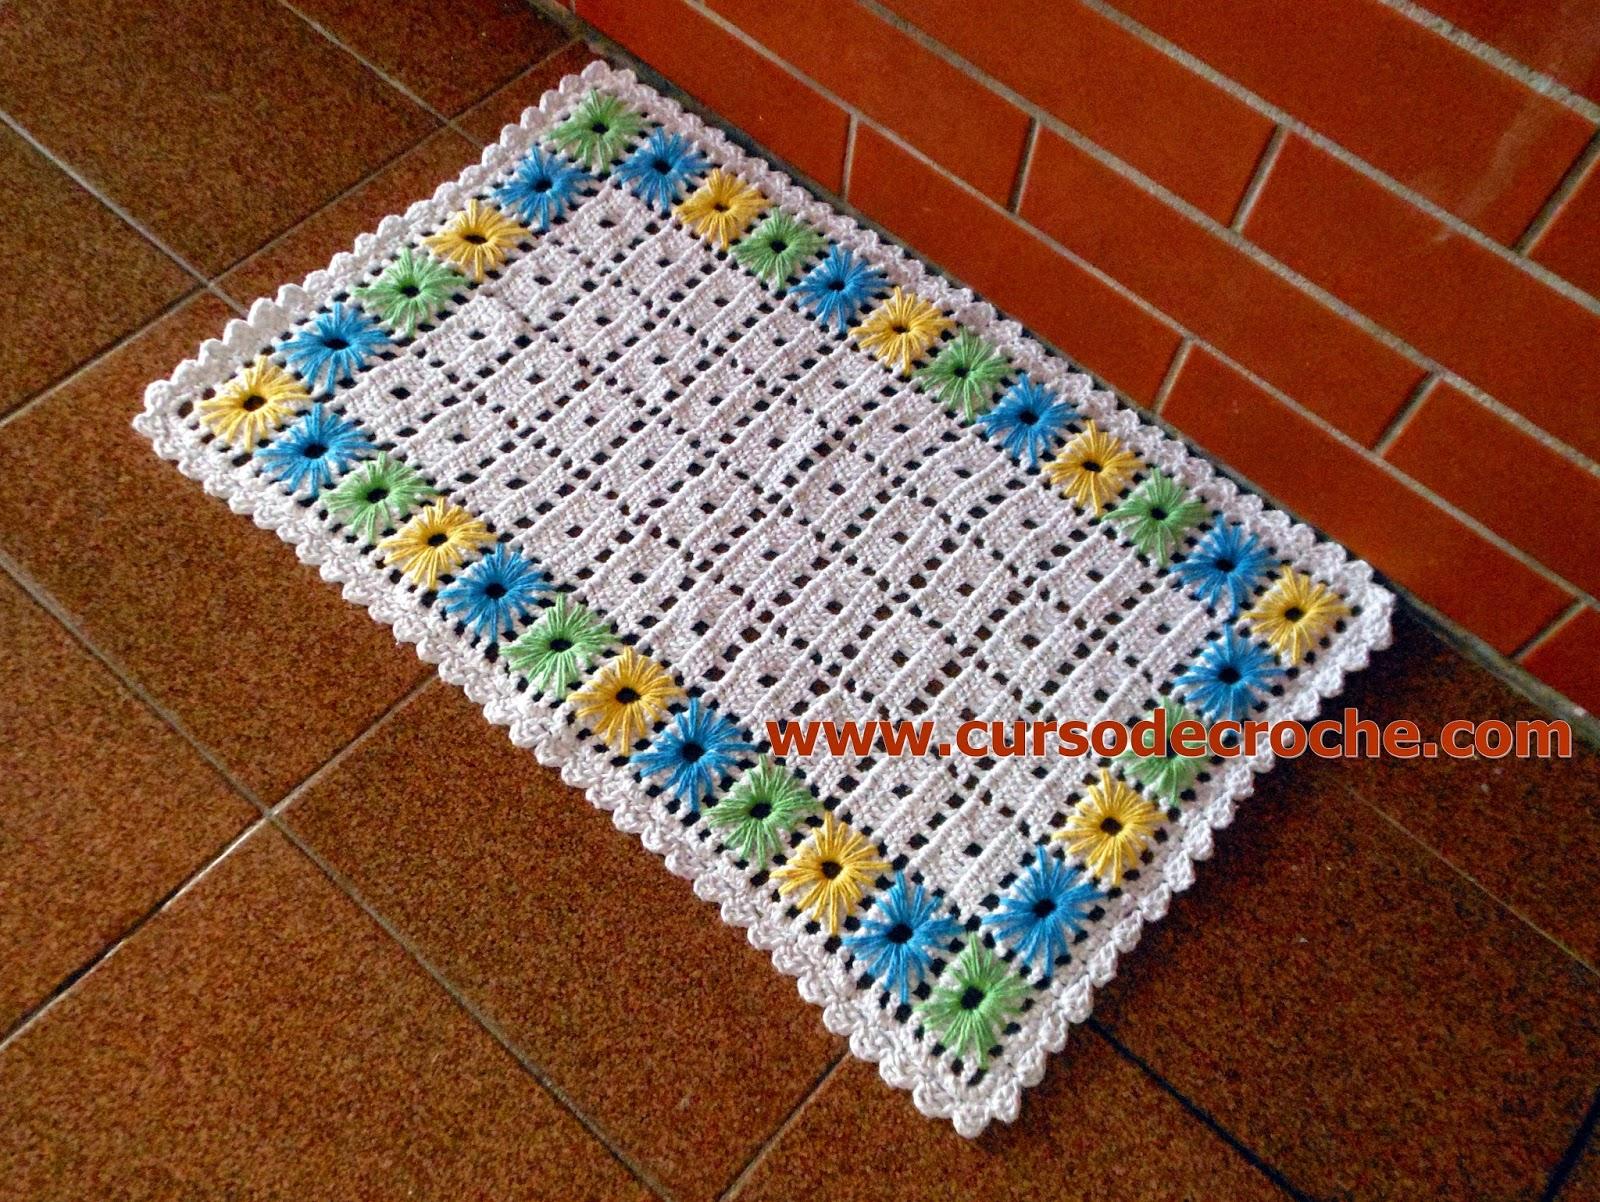 dvd em croche coleção com Edinir-Croche na loja curso de croche frete gratis